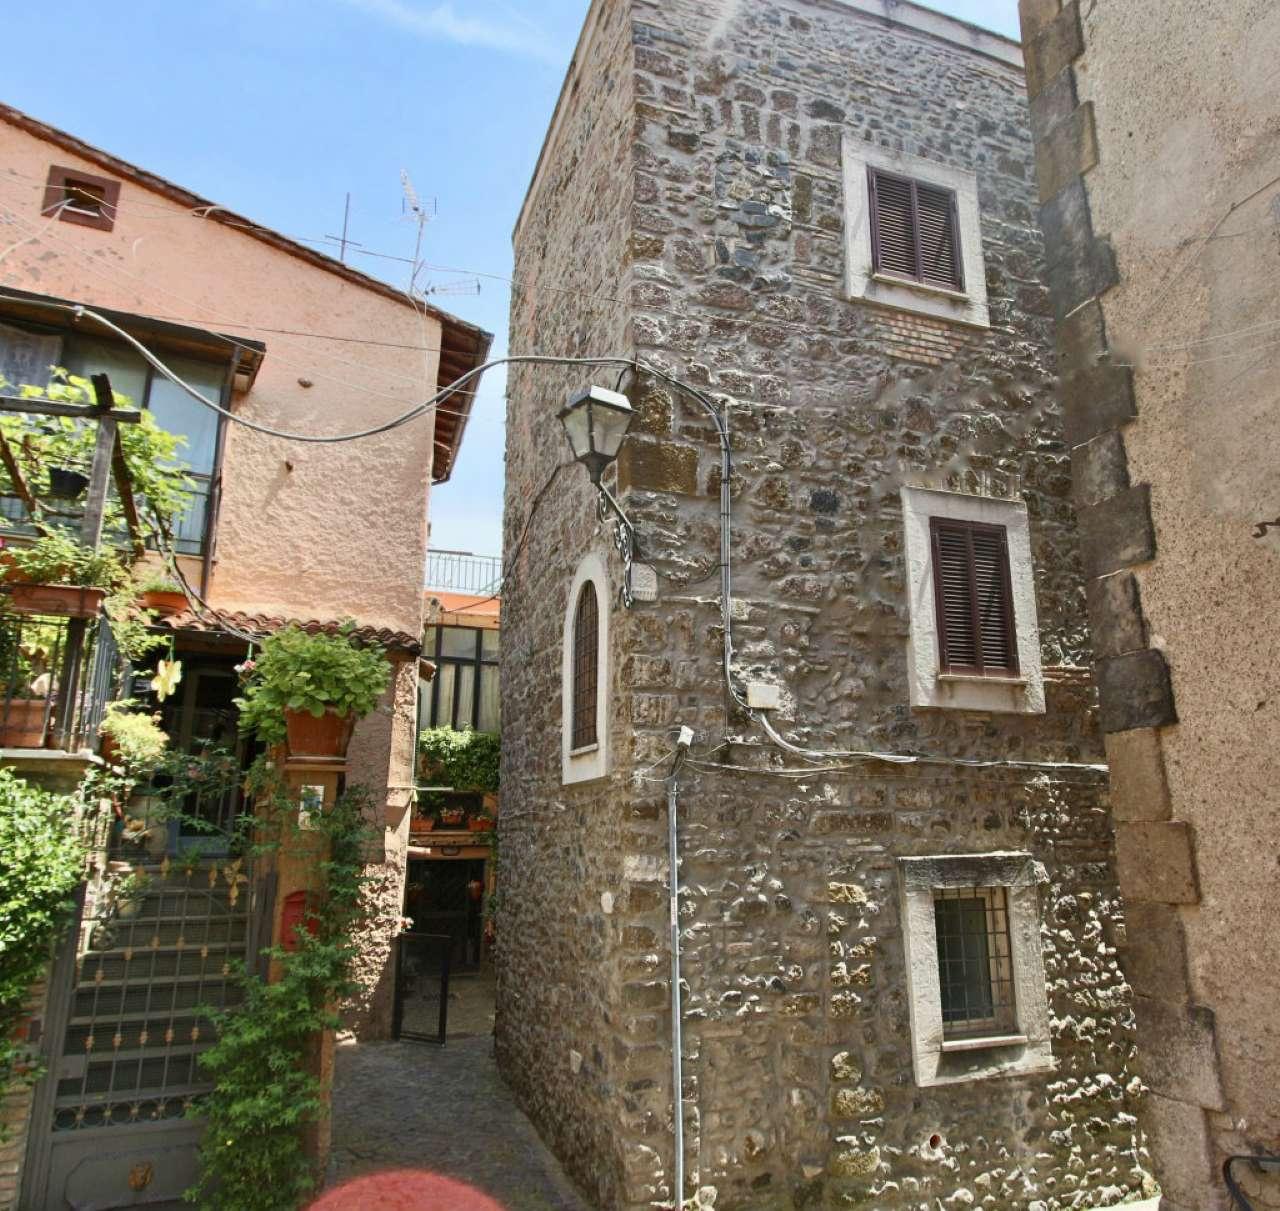 Palazzo / Stabile in vendita a Monte Compatri, 6 locali, prezzo € 210.000 | Cambio Casa.it